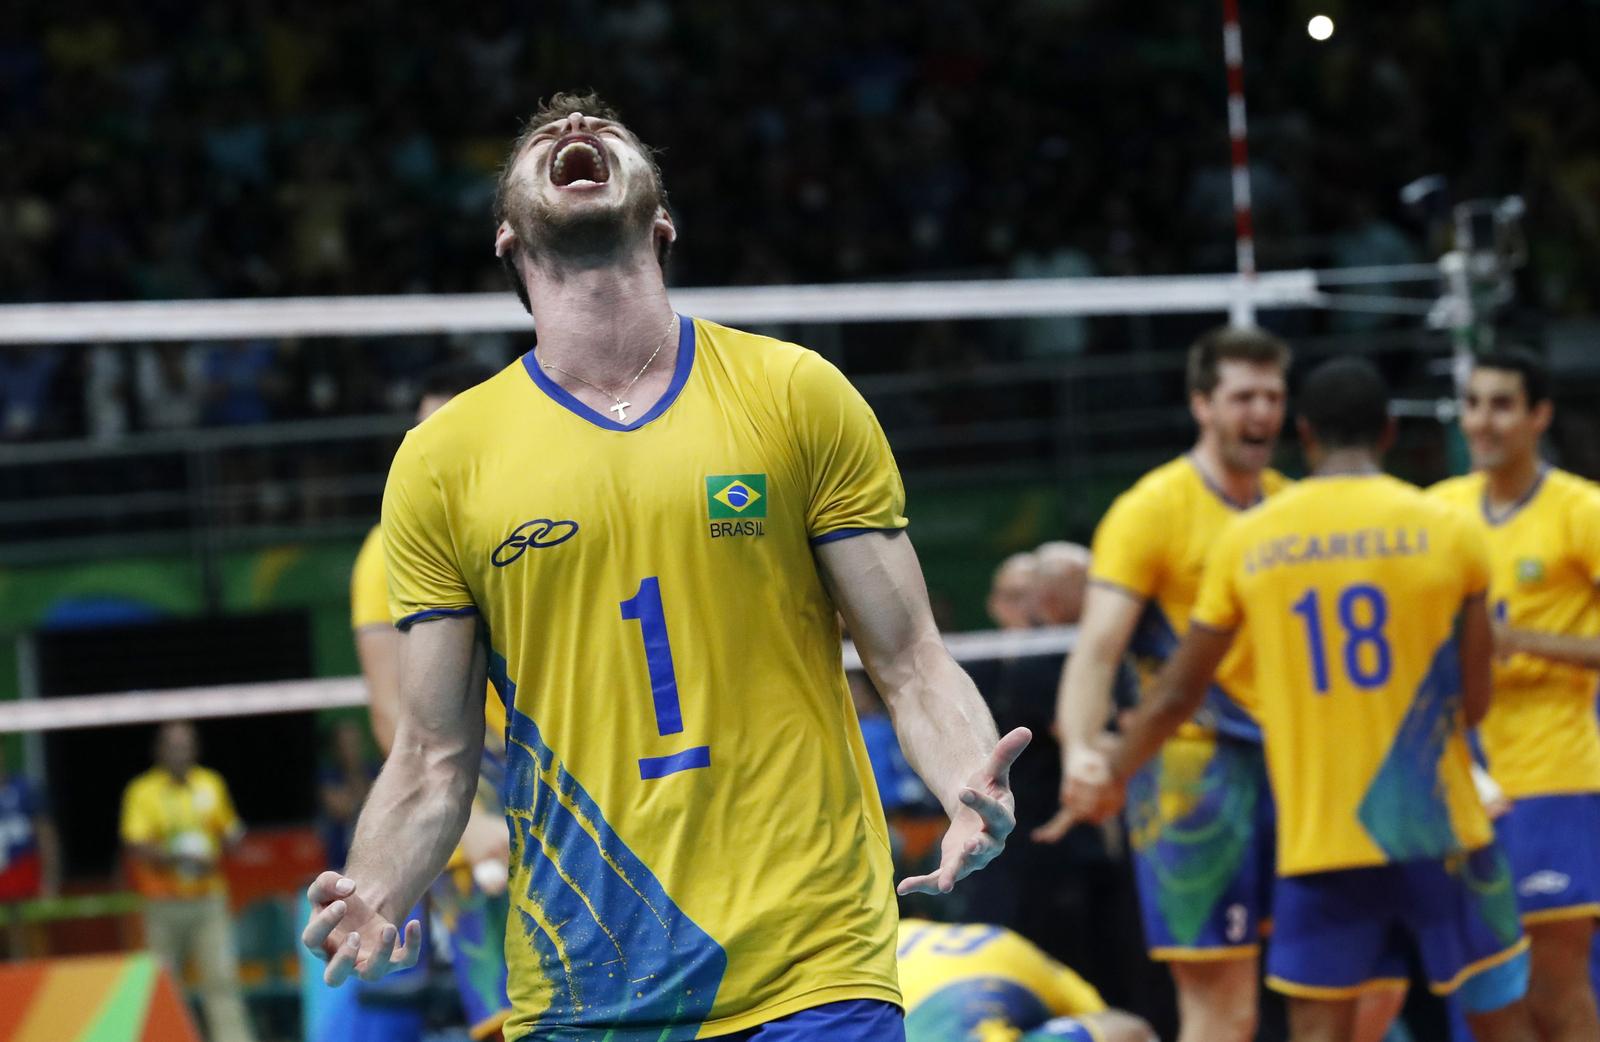 Мужская сборная Бразилии по волейболу одержала победу в олимпийском турнире над командой Италии